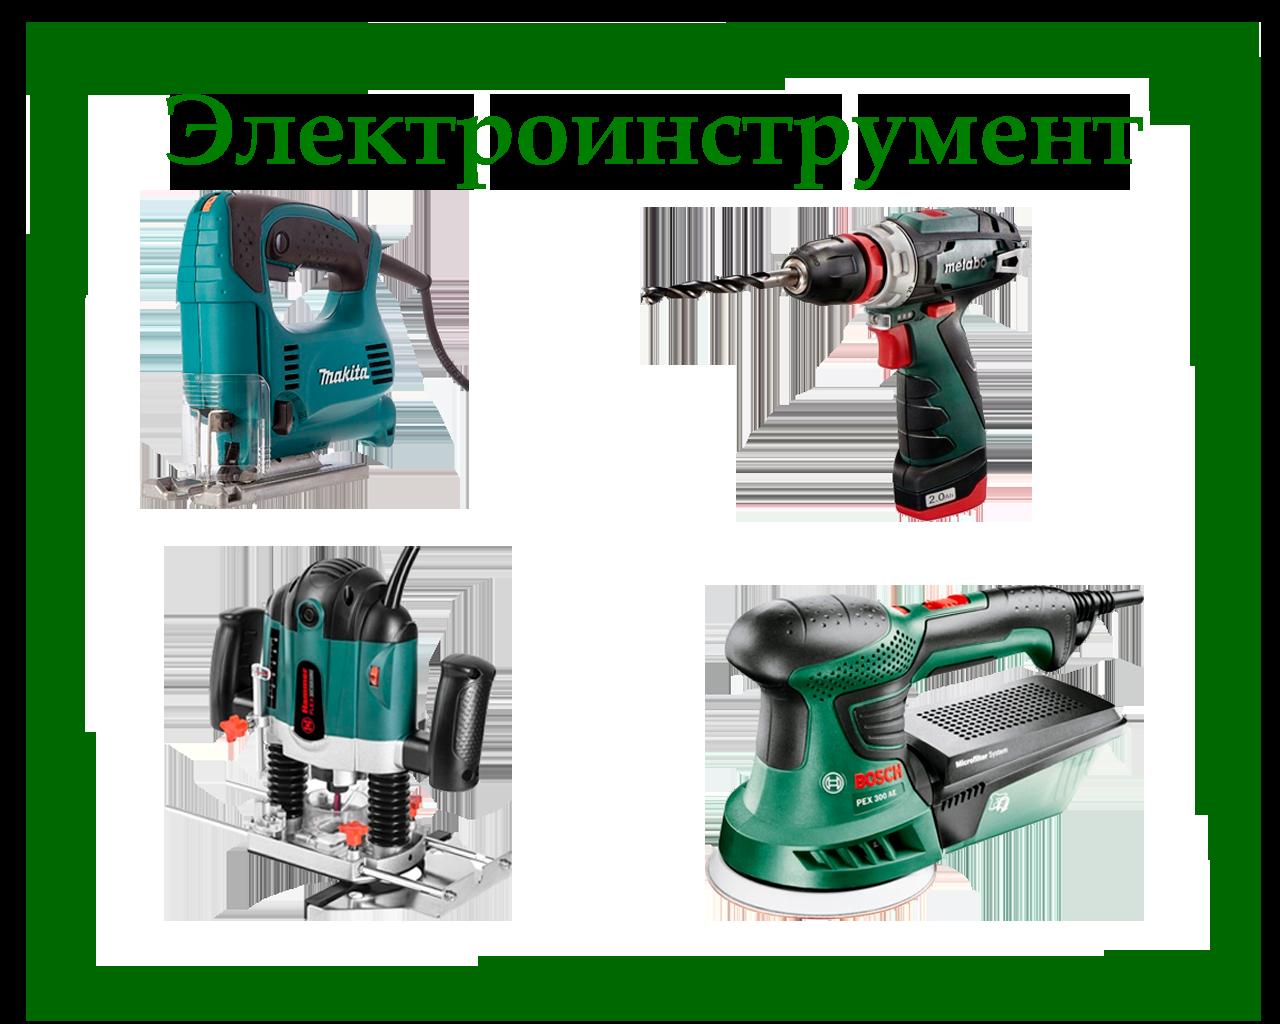 Аренда мастерской Санкт-Петербург, Столярный коворкинг, Мой Цех